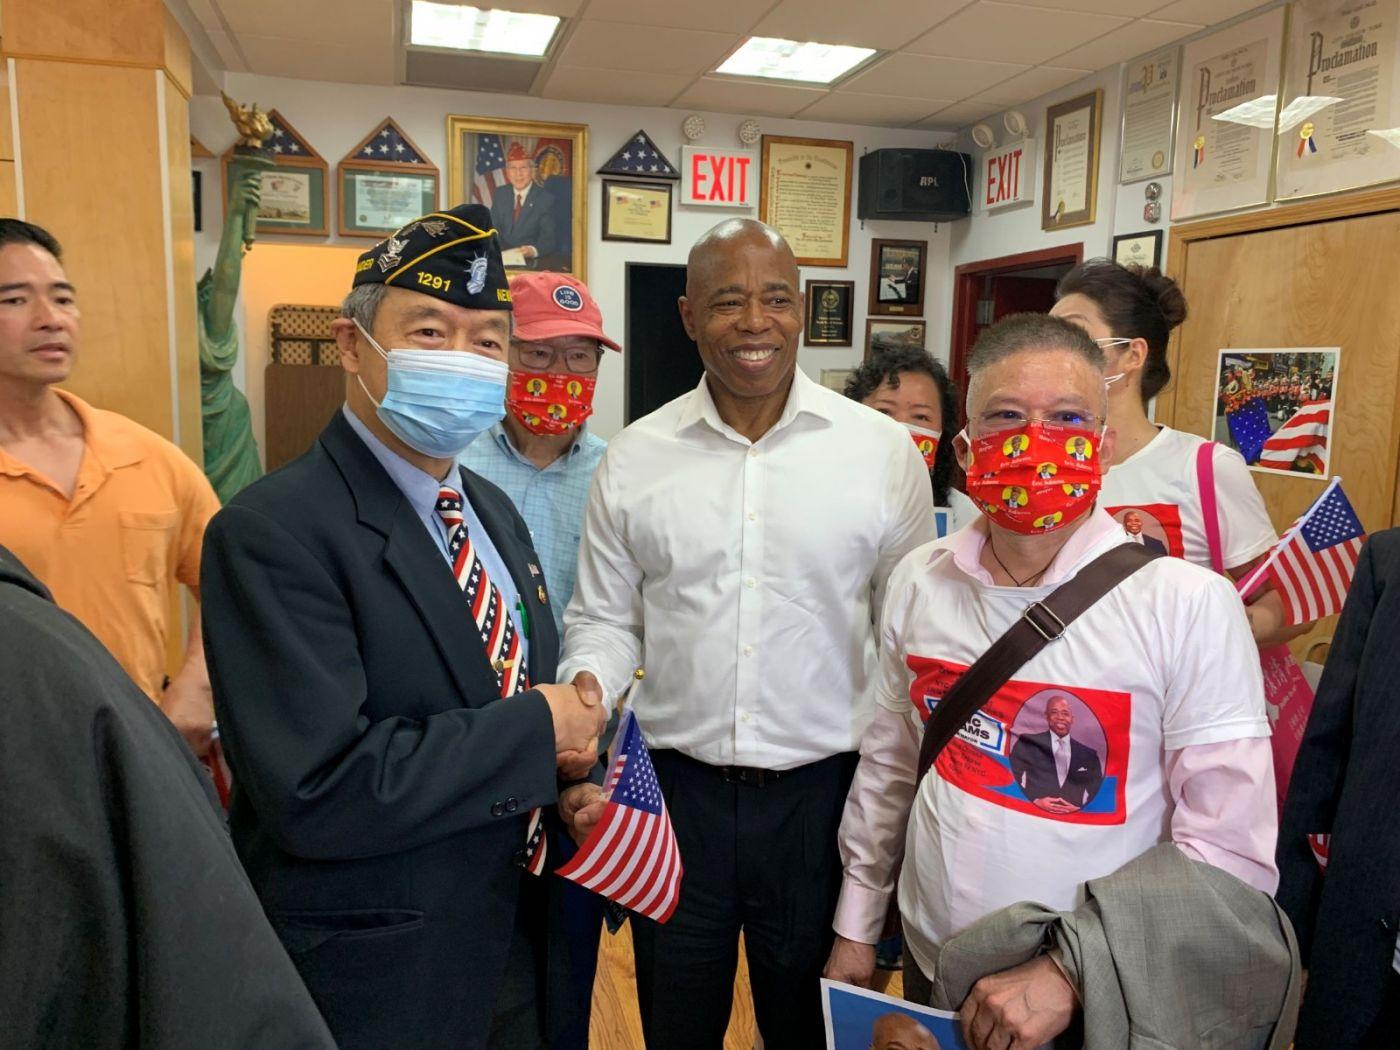 高娓娓:纽约市长竞选人亚当斯拜访唐人街社区民众_图1-14